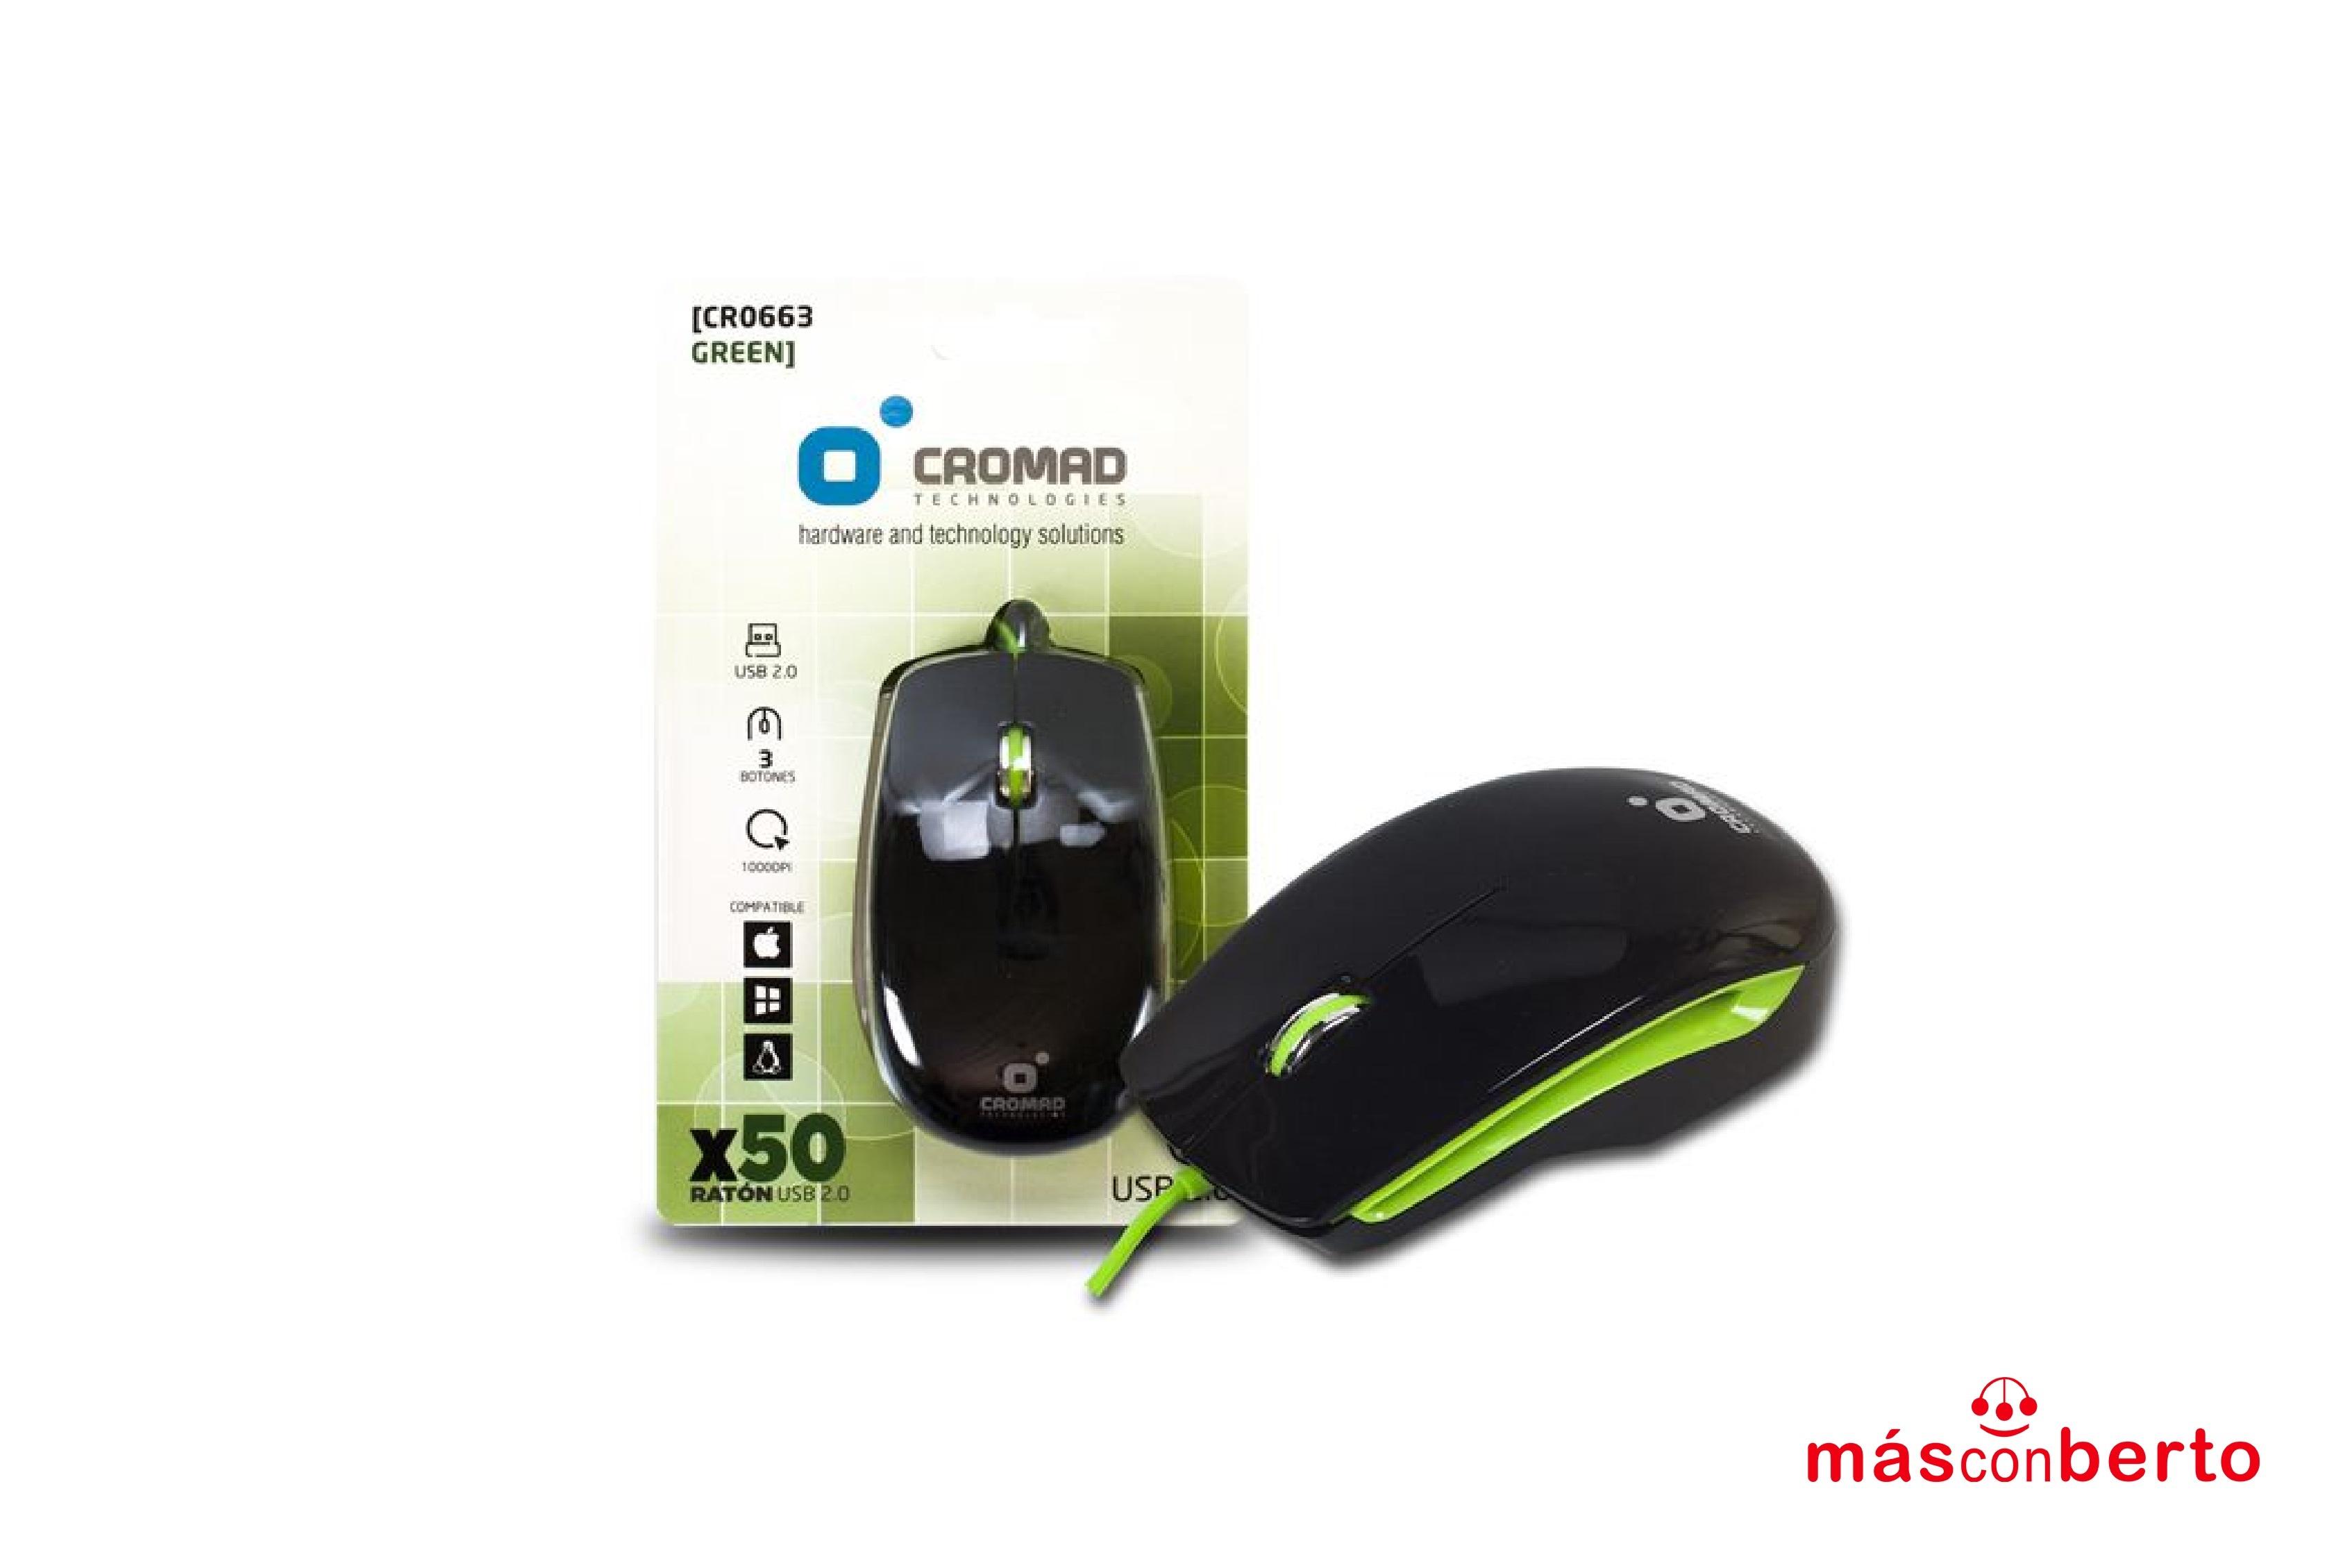 Ratón X50 USB negro/verde...